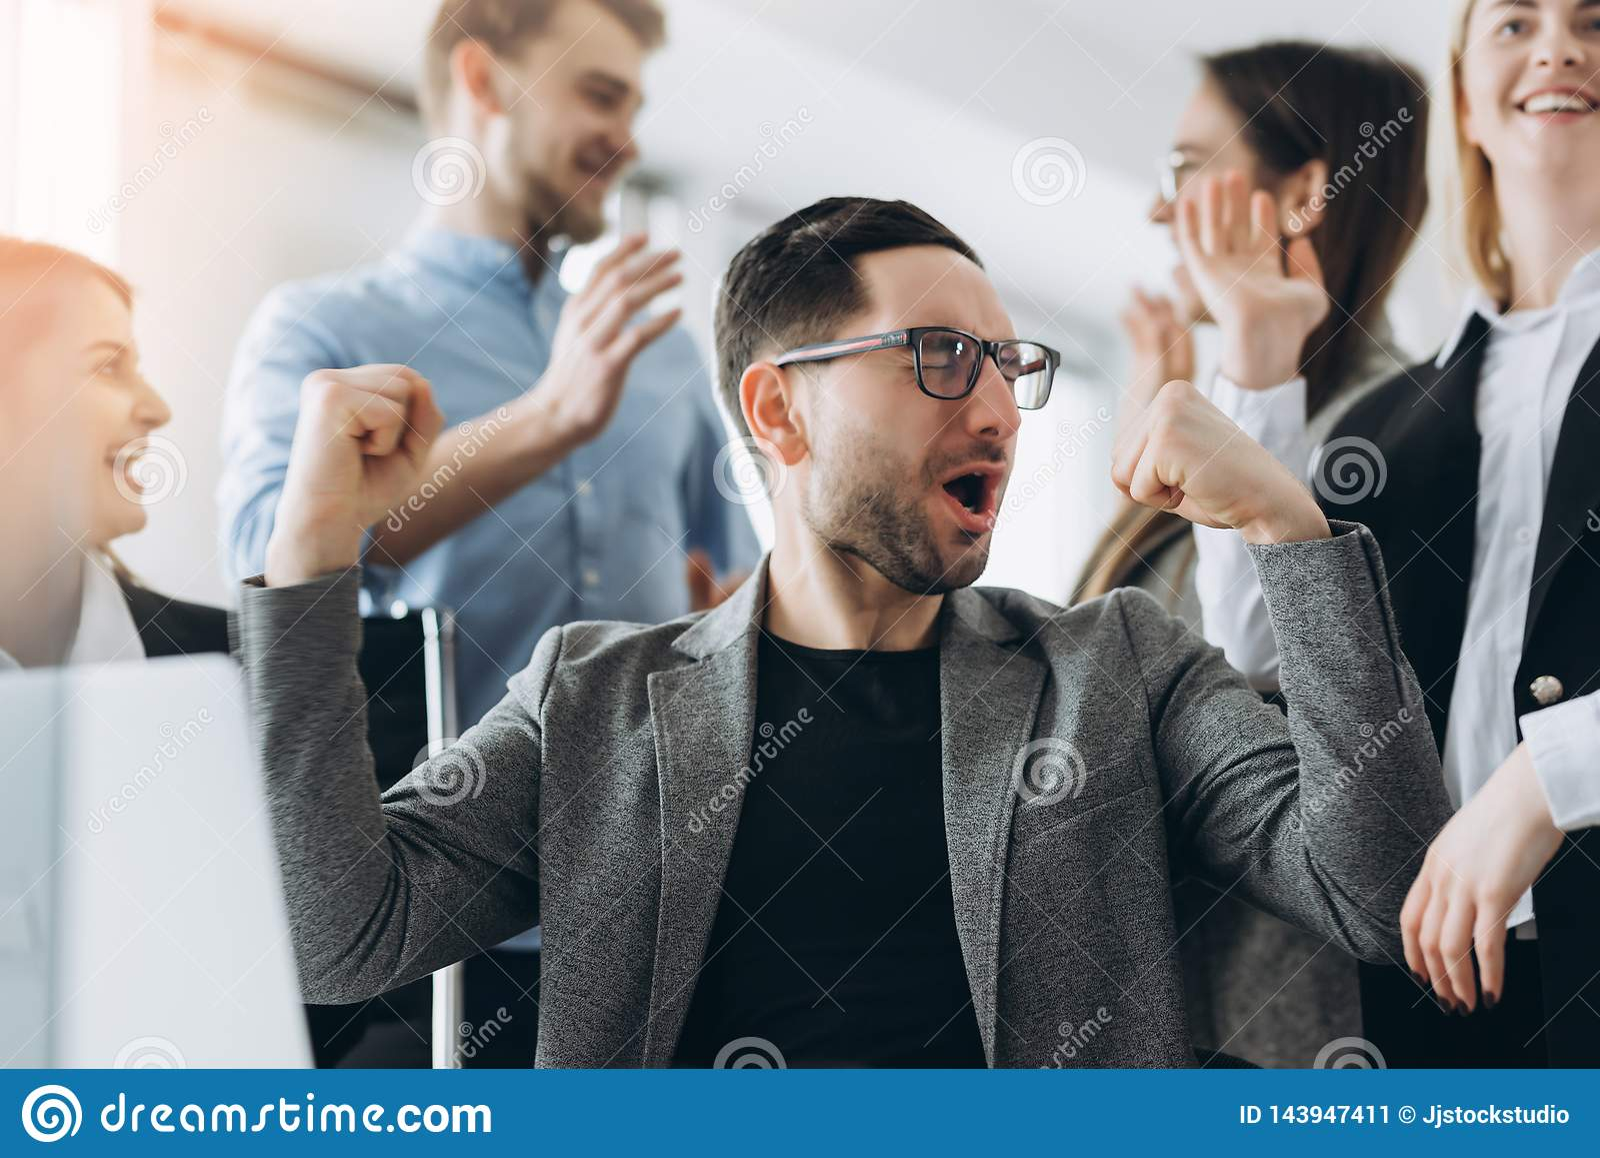 Καθημερινοί νικητές Ομάδα ευτυχών επιχειρηματιών στην έξυπνη περιστασιακή ένδυση που εξετάζει το lap-top και Επιτυχία επίτευξης